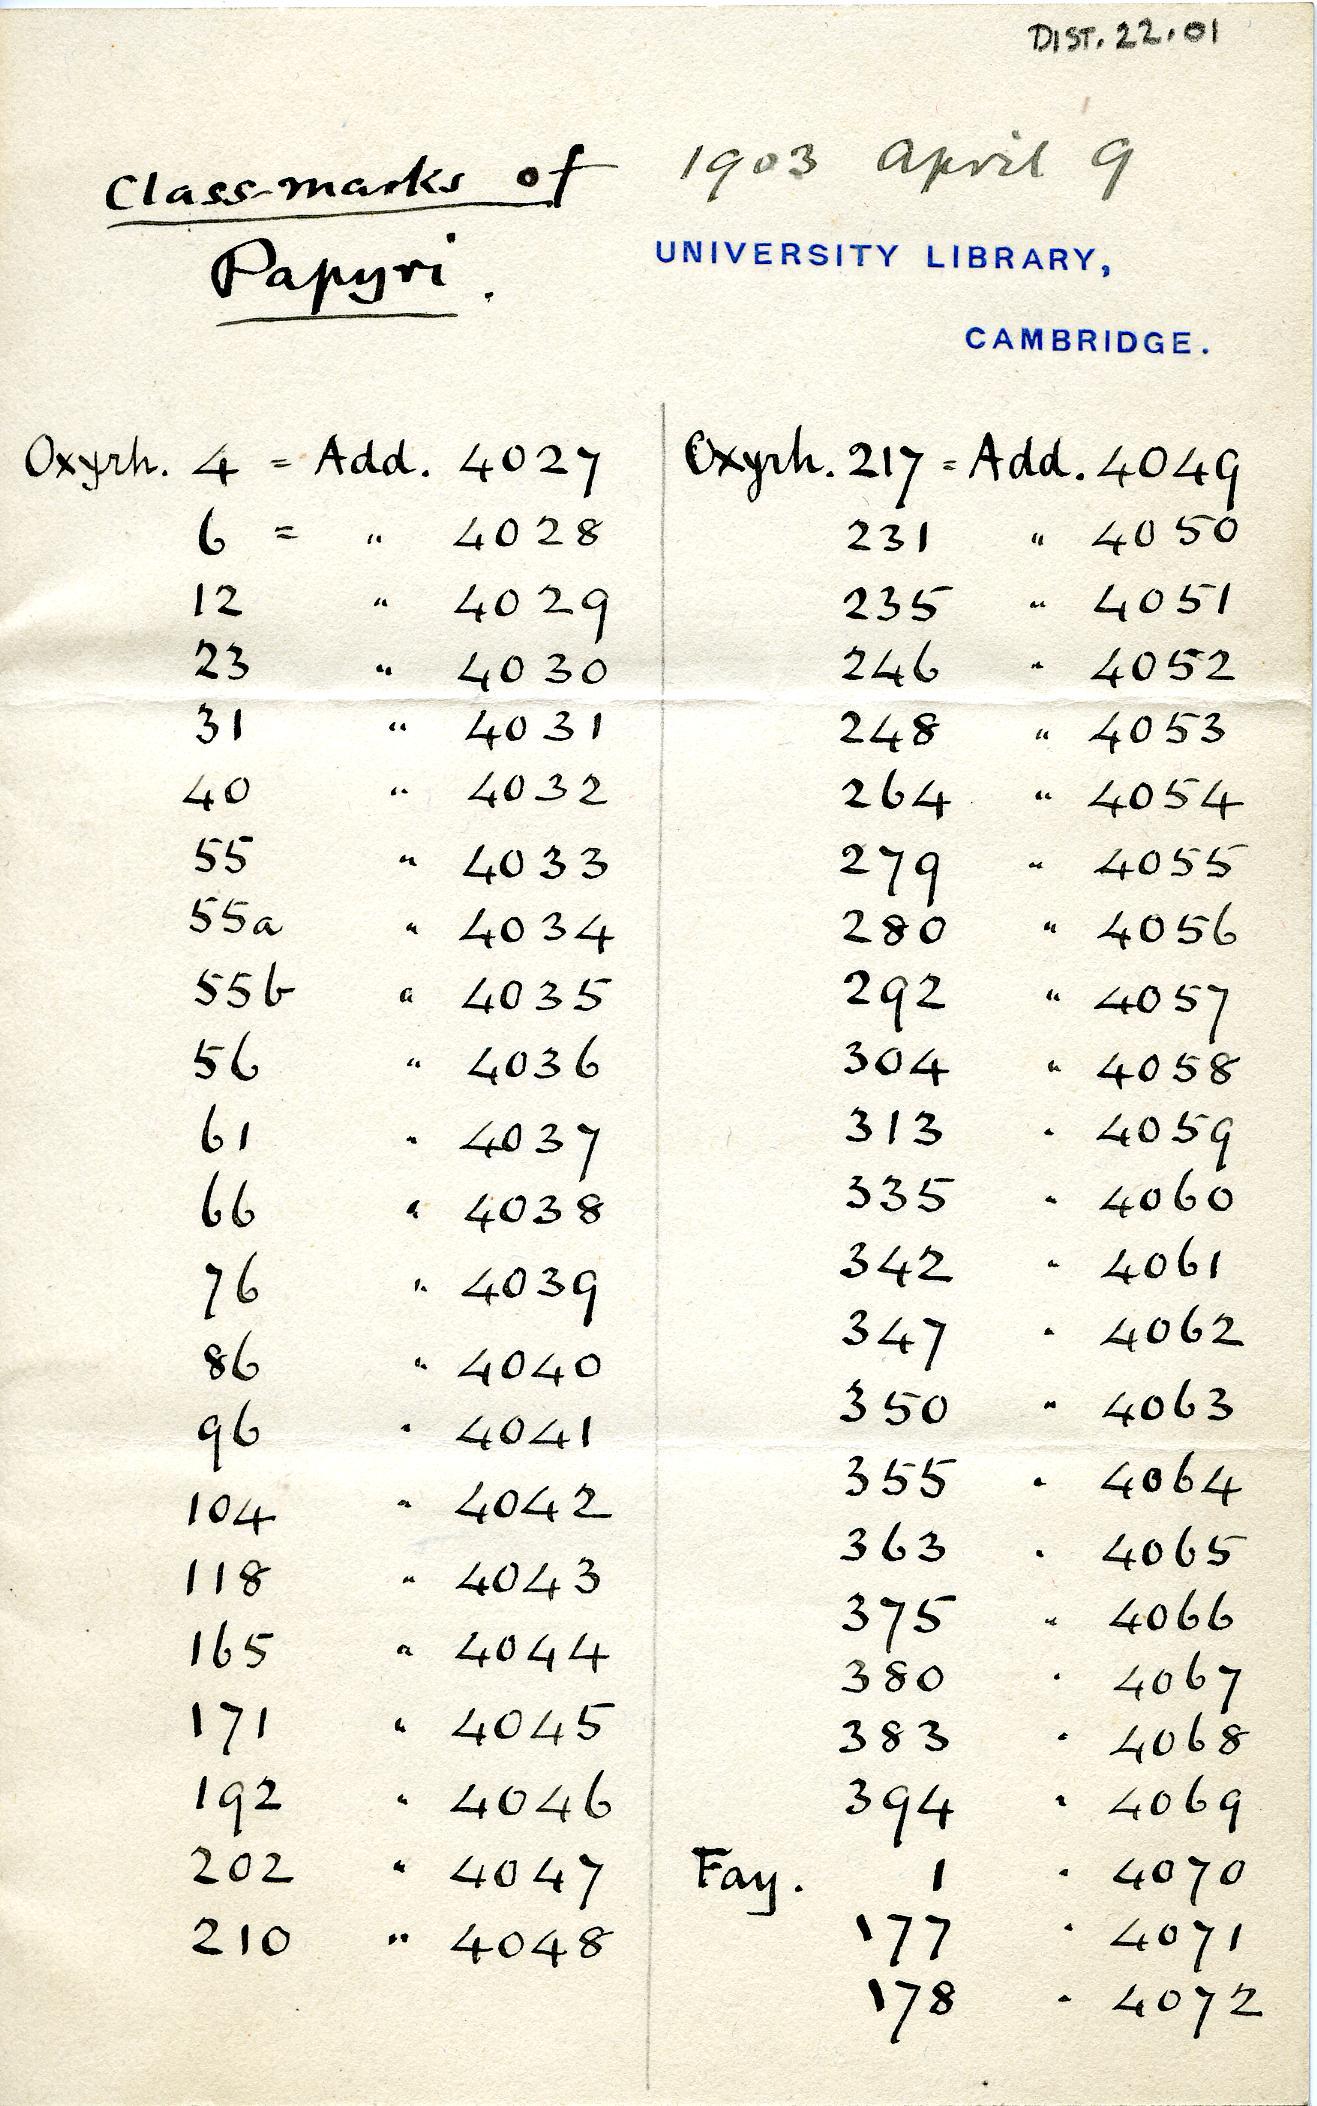 1902-07 Oxyrhynchus, Faiyum, el-Hibeh DIST.22.01